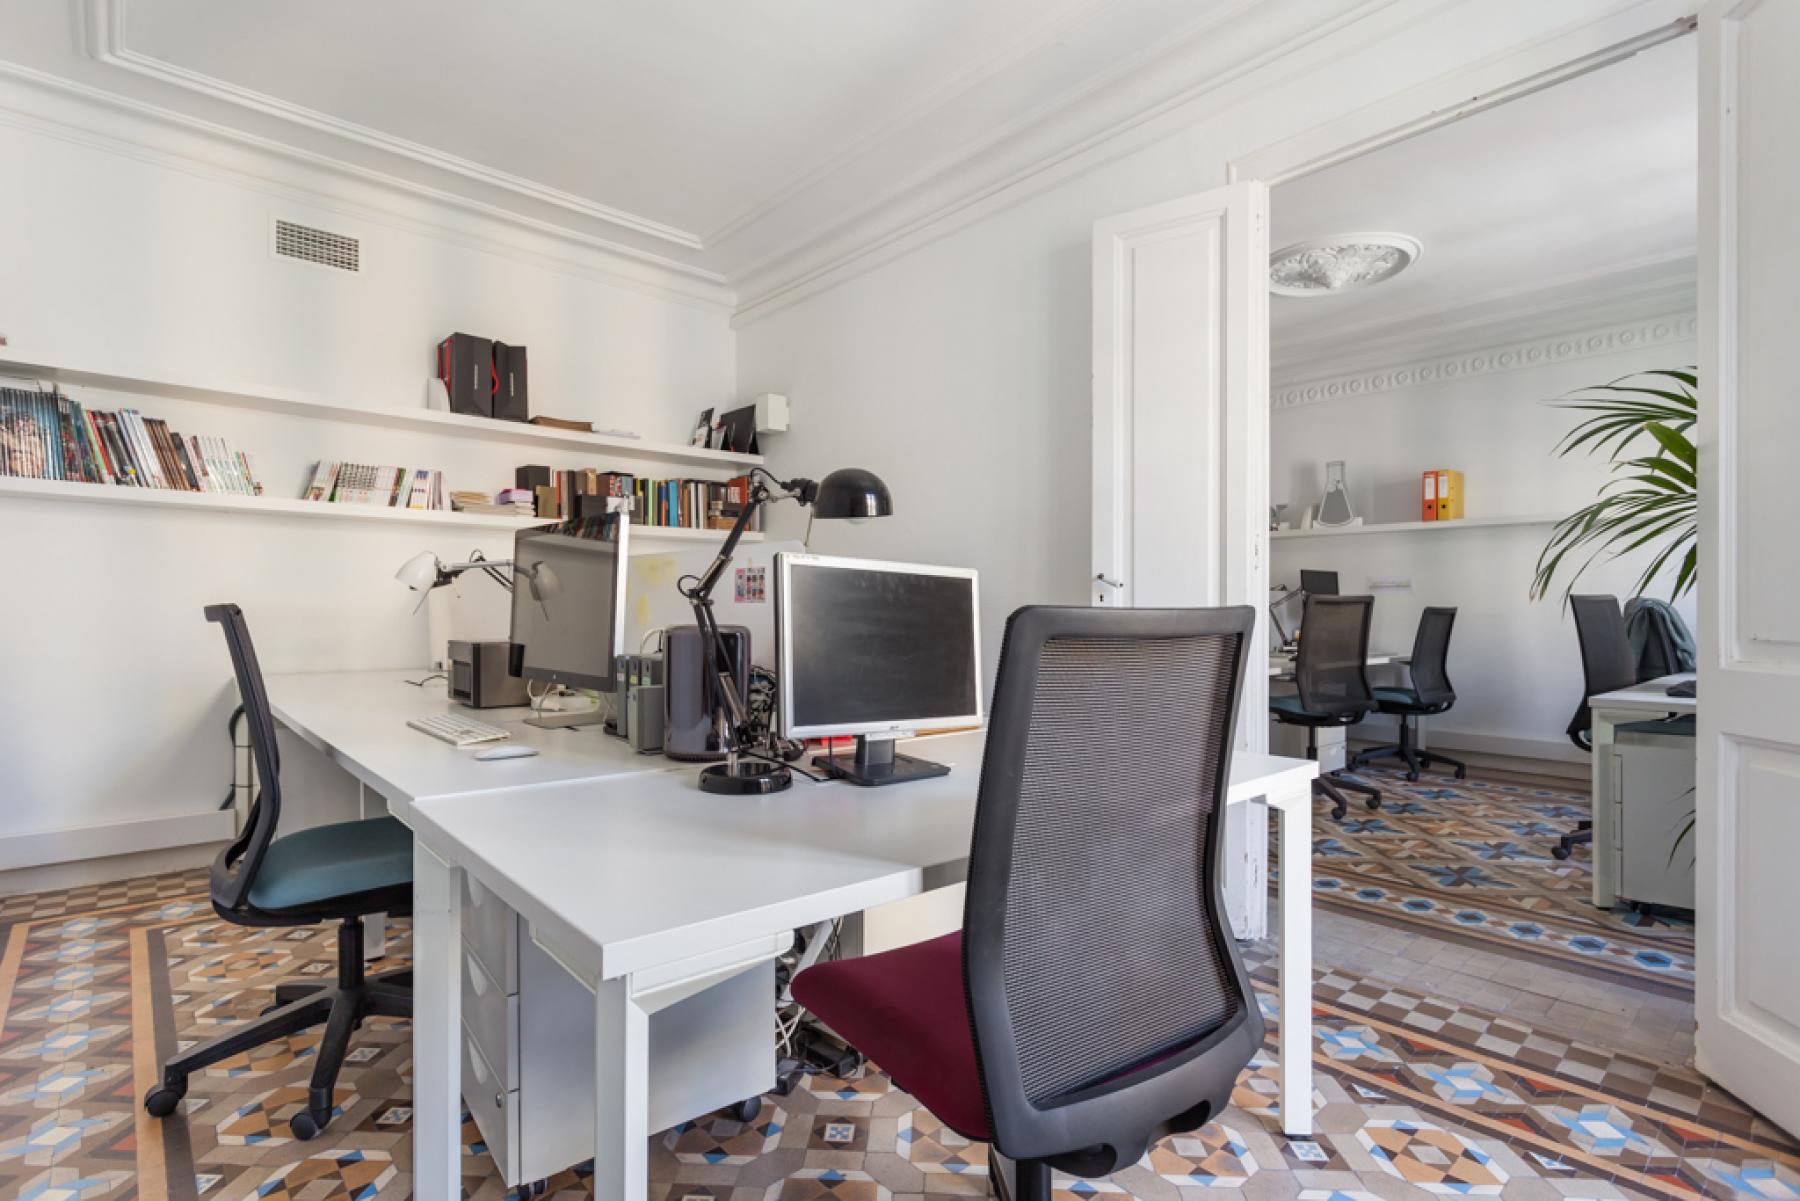 Alquilar oficinas Rambla de Catalunya 125, 3º, 2ª 125, Barcelona (18)